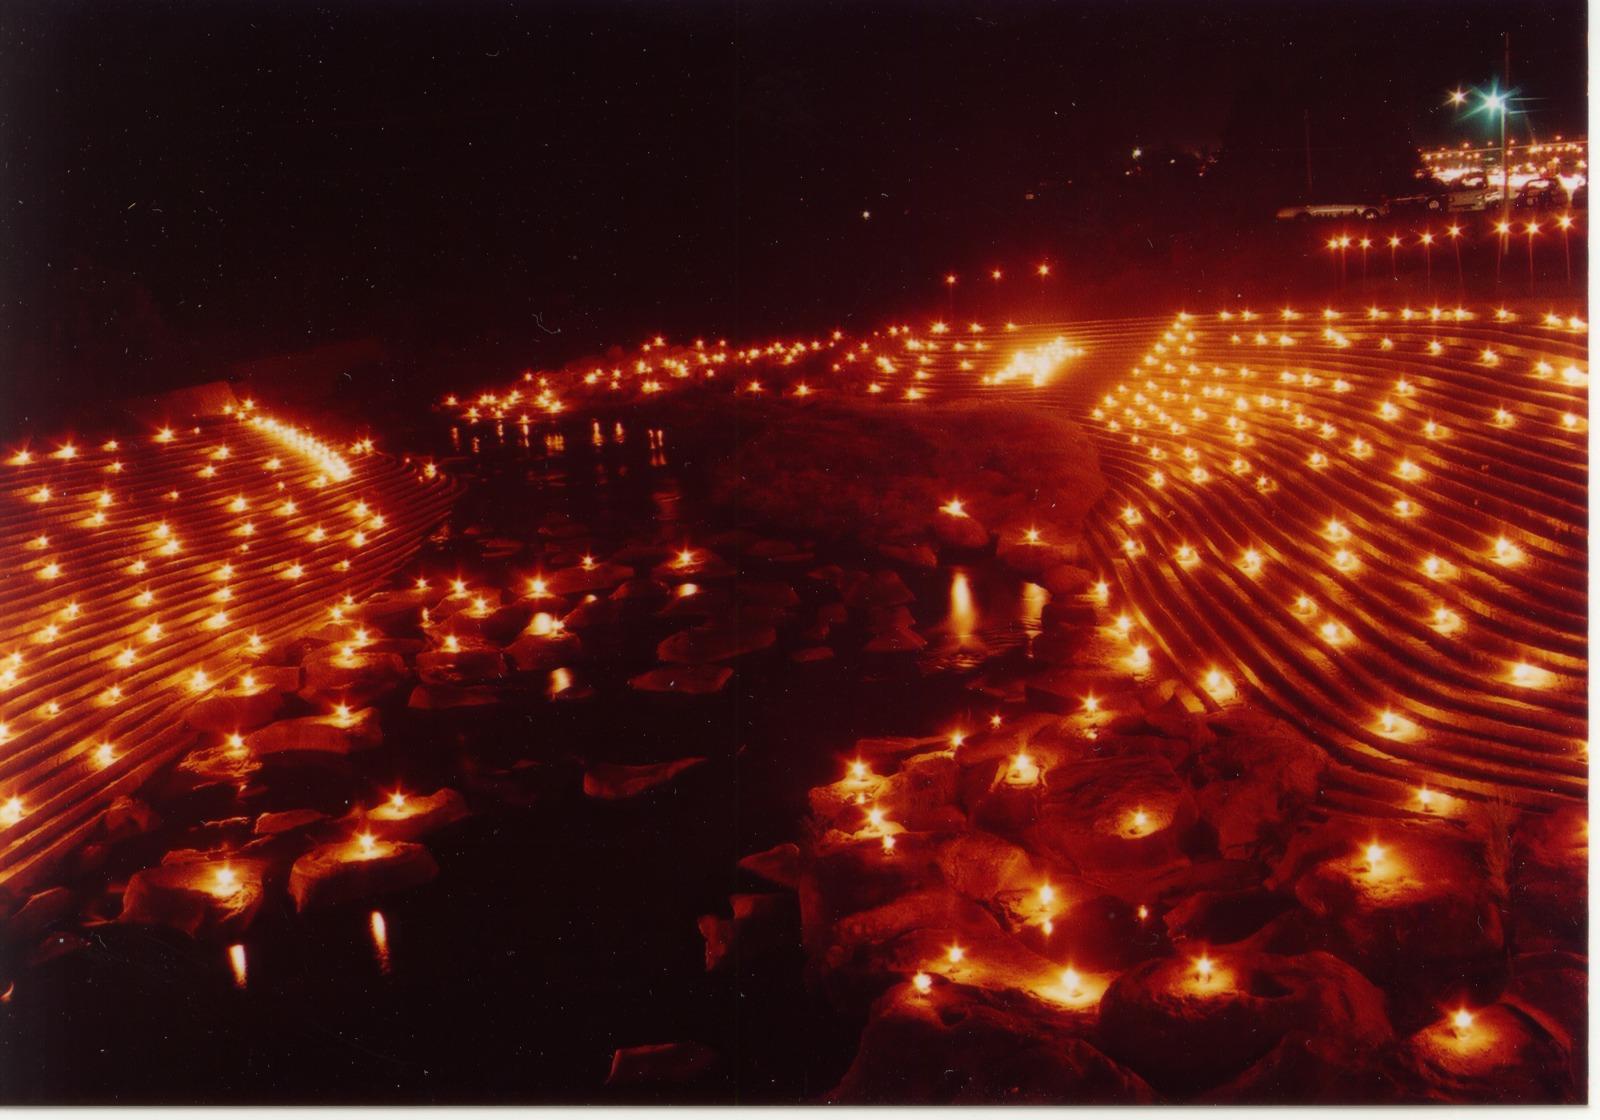 「鹿児島 山神の響炎」の画像検索結果